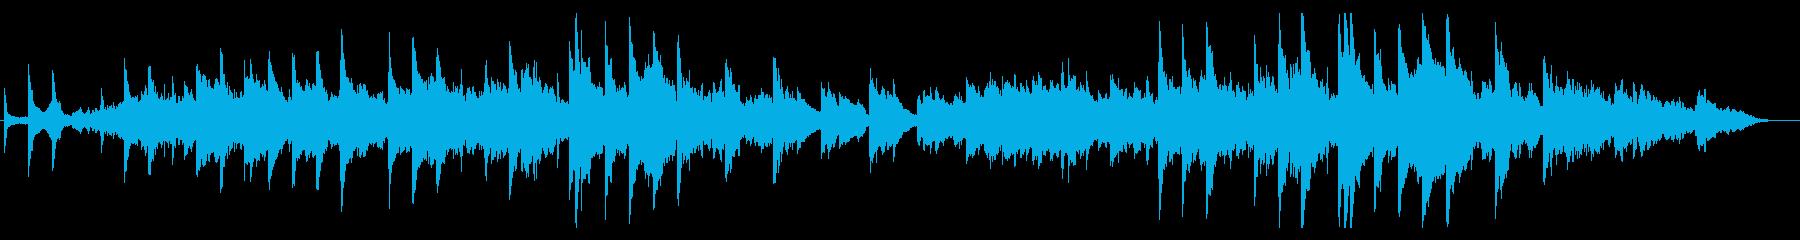 ピアノとギターが静かに響くバラードの再生済みの波形